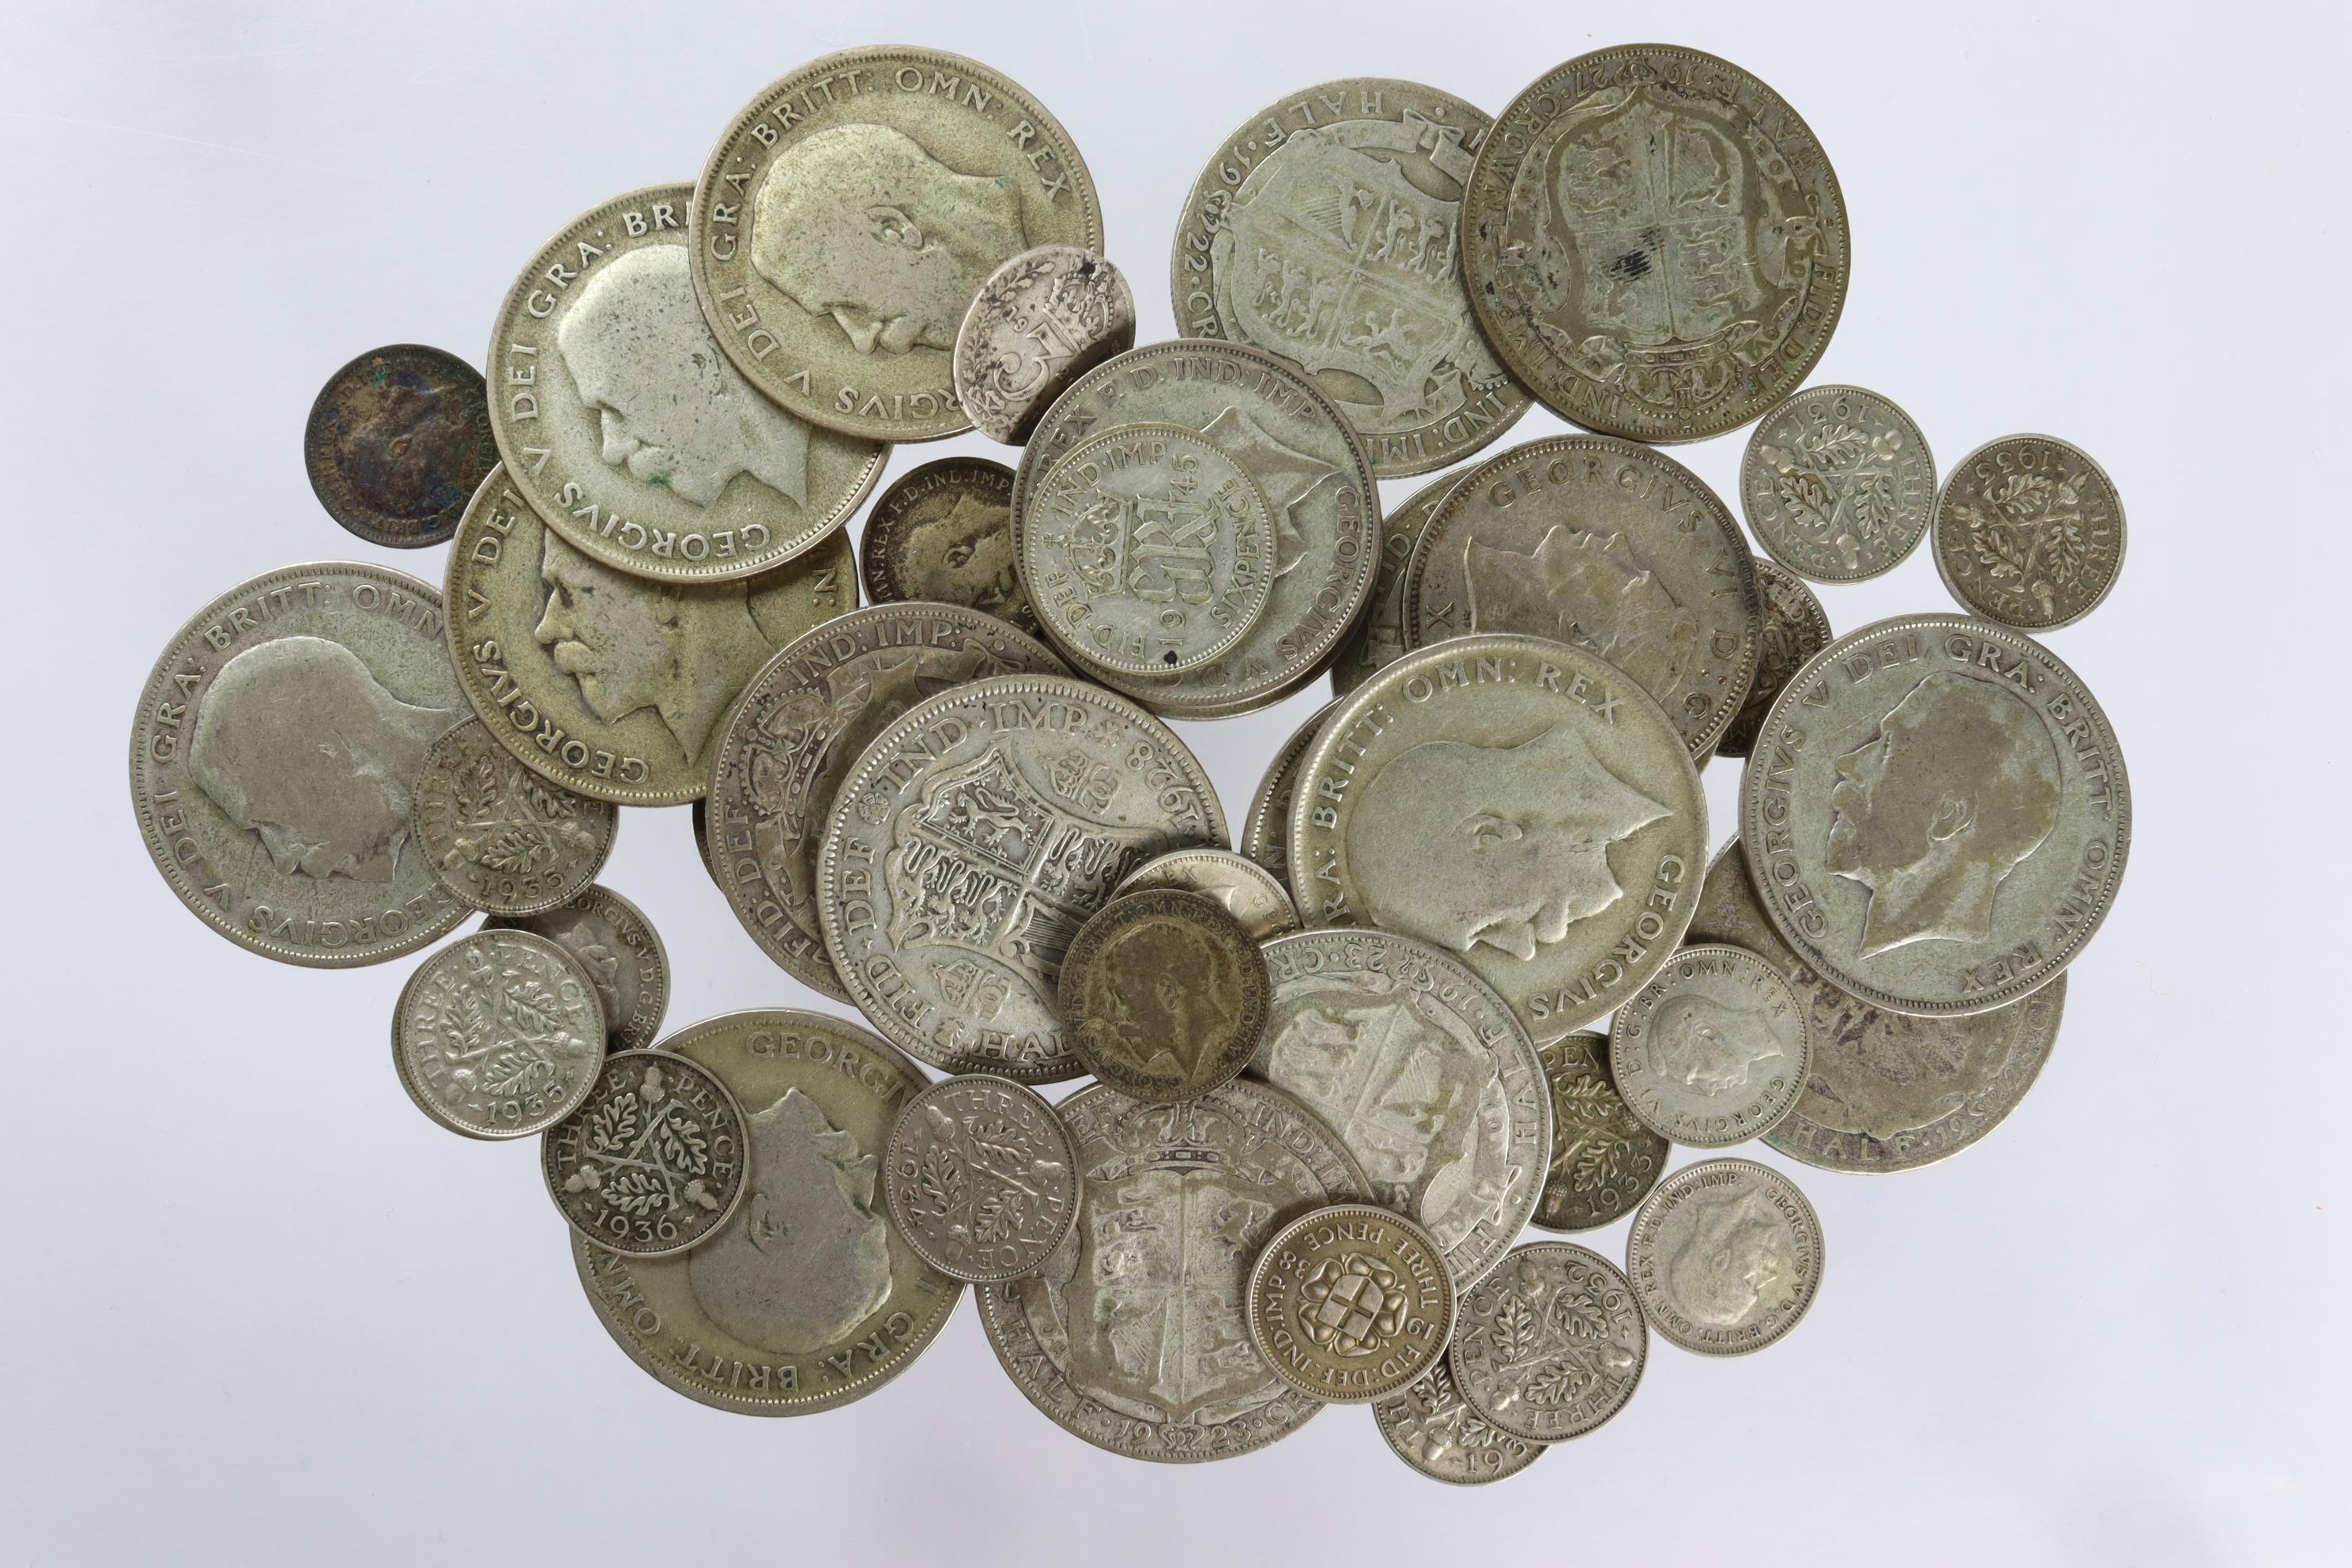 GB Pre-1947 Silver Coins 294.6g